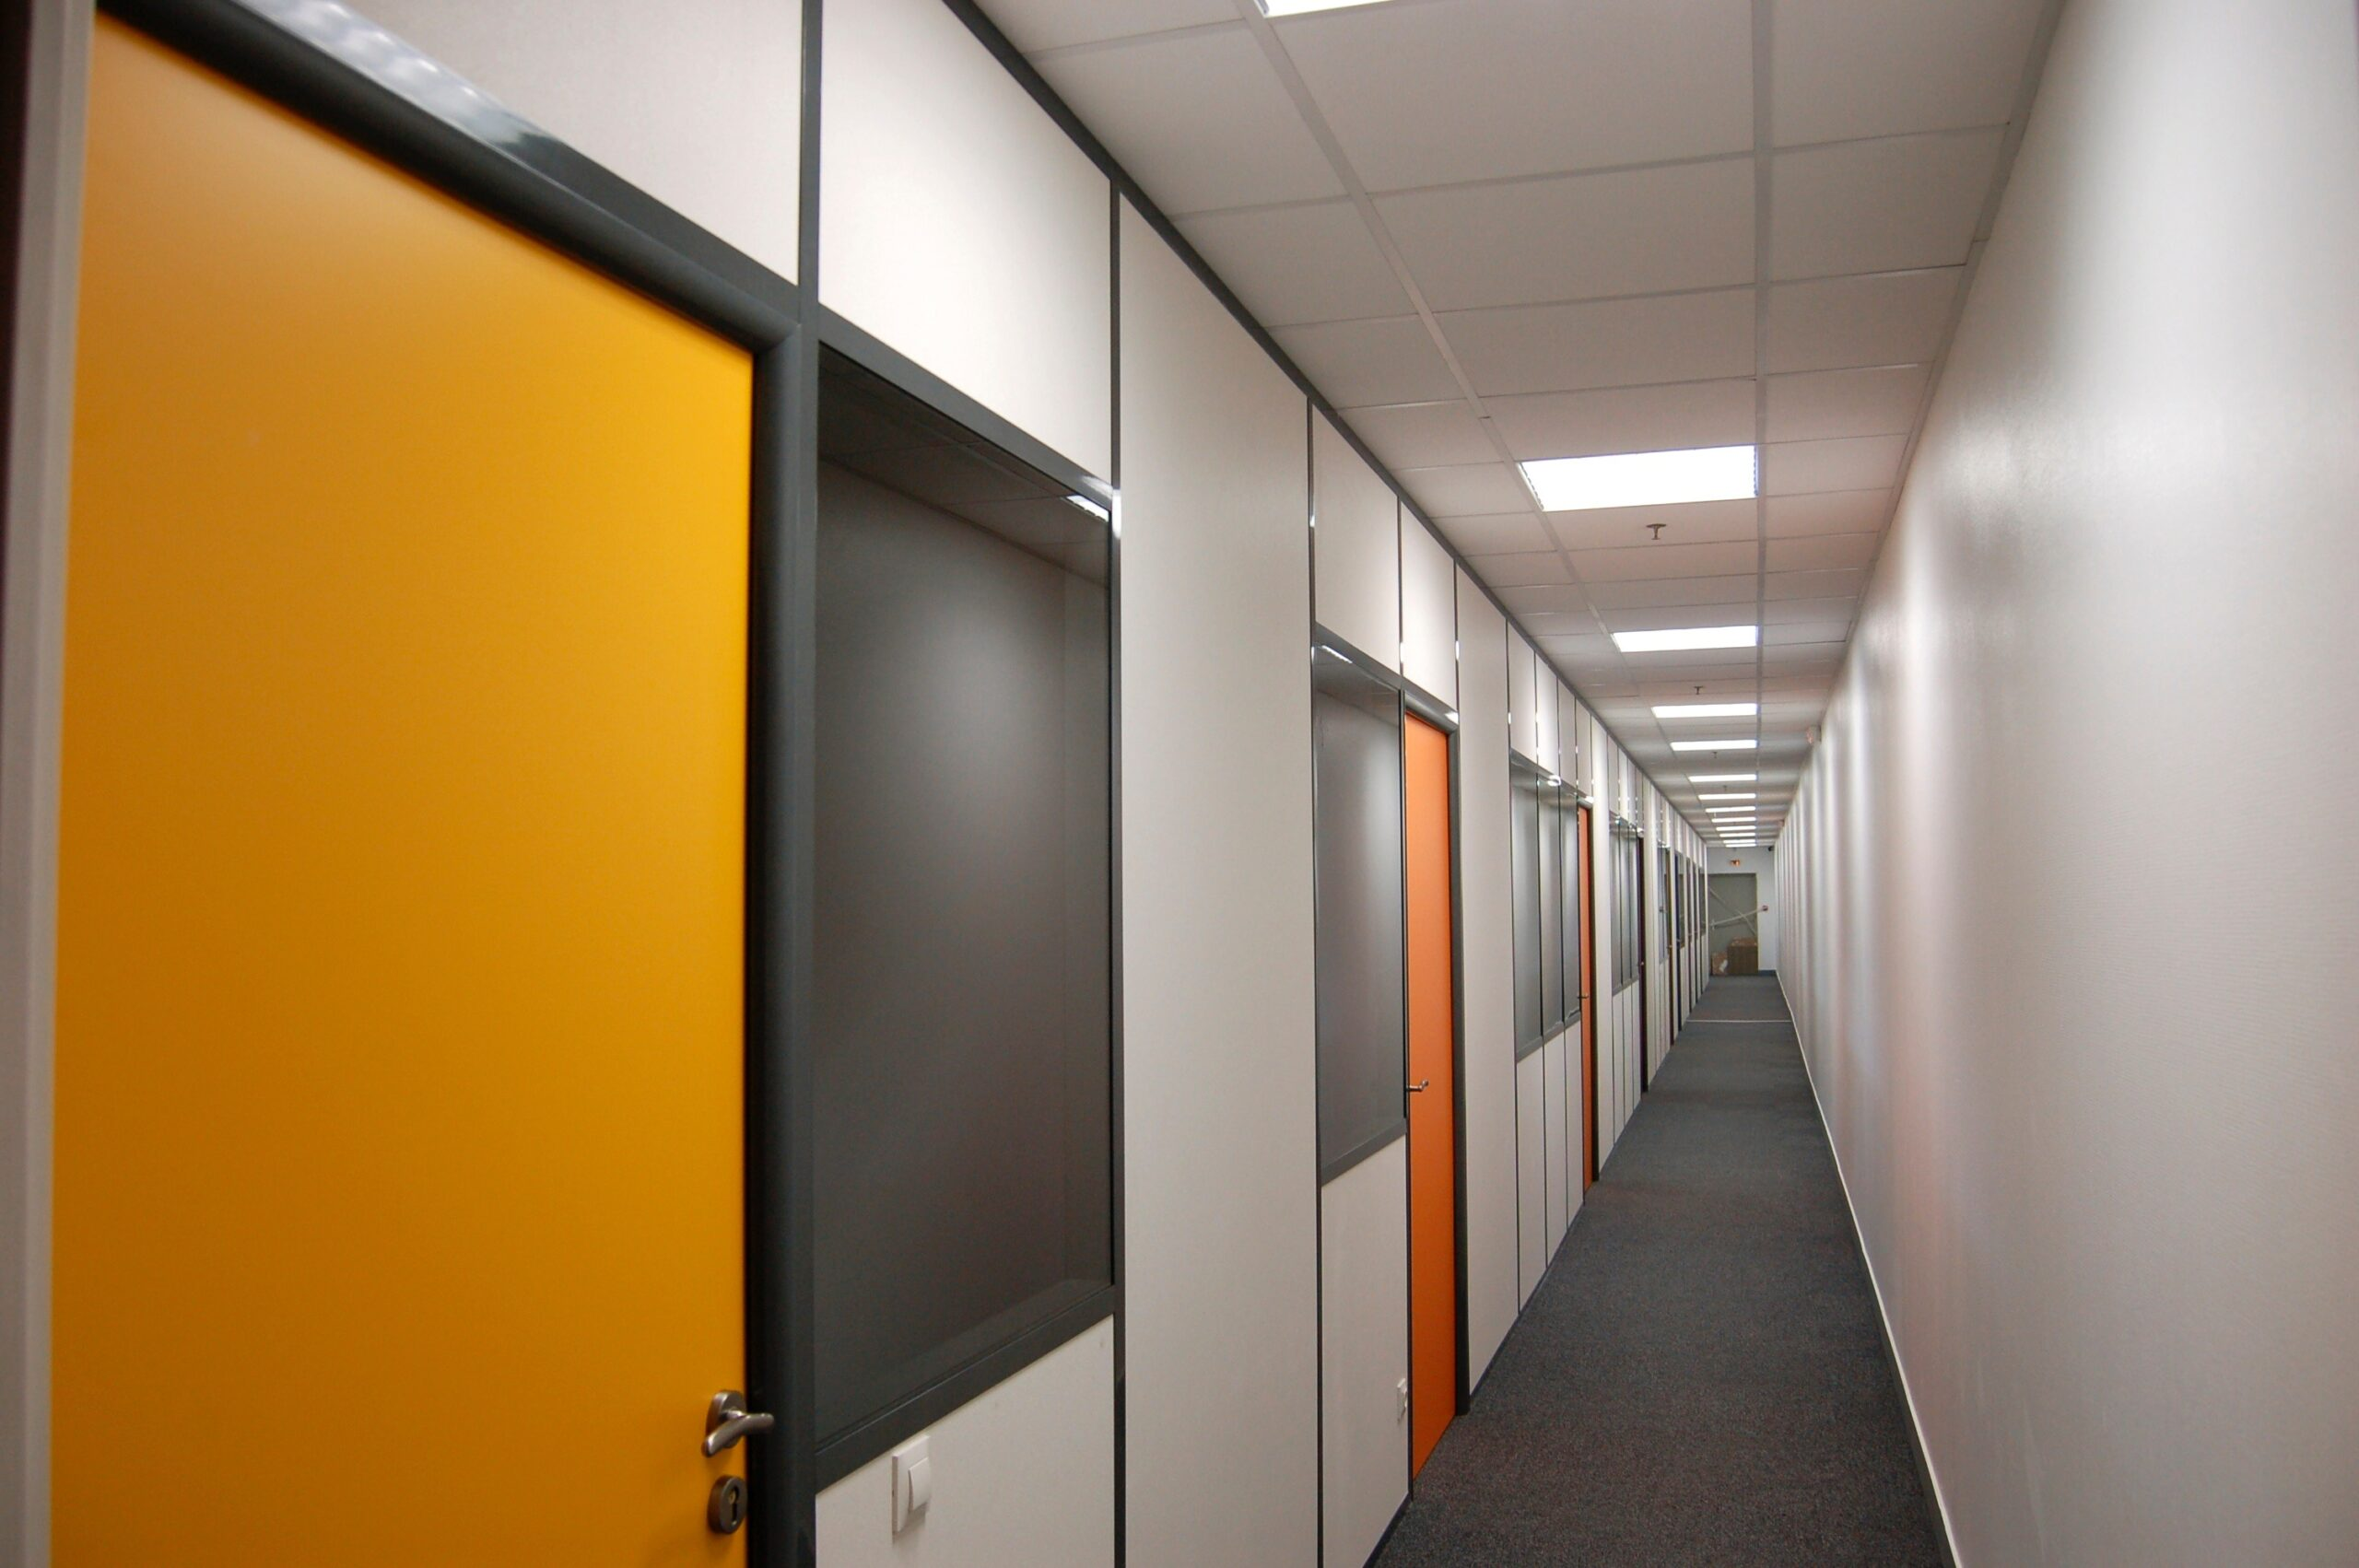 Mory Group, aménagement d'espaces intérieurs, bureaux, cloisons, acoustique, société ABFC Marseille